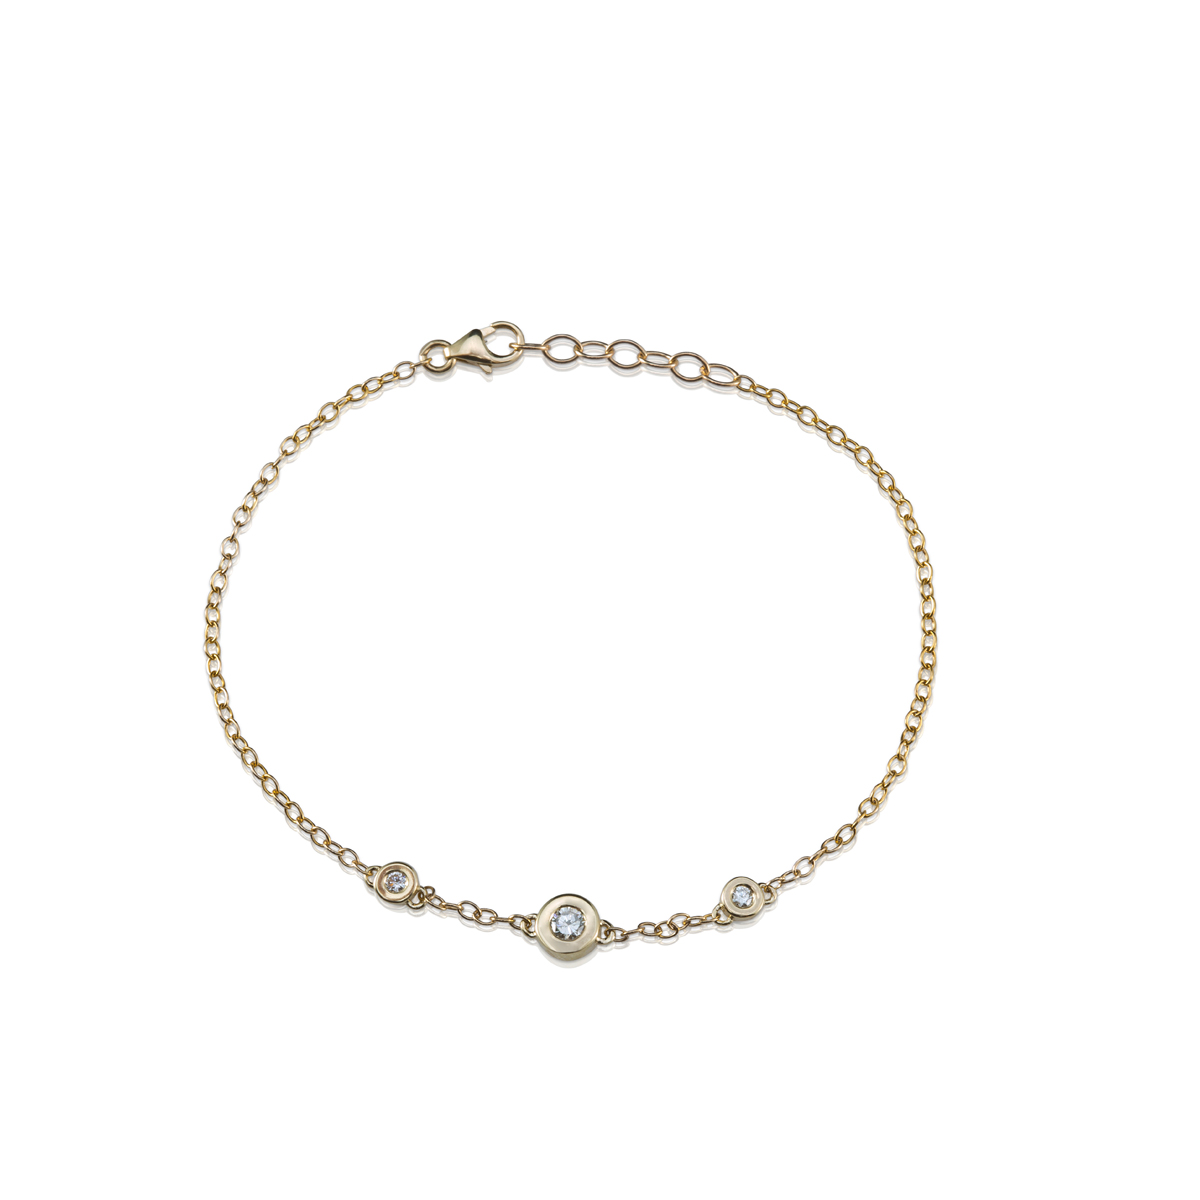 צמיד זהב משובץ יהלום מרכזי ו-2 יהלומים צדדים